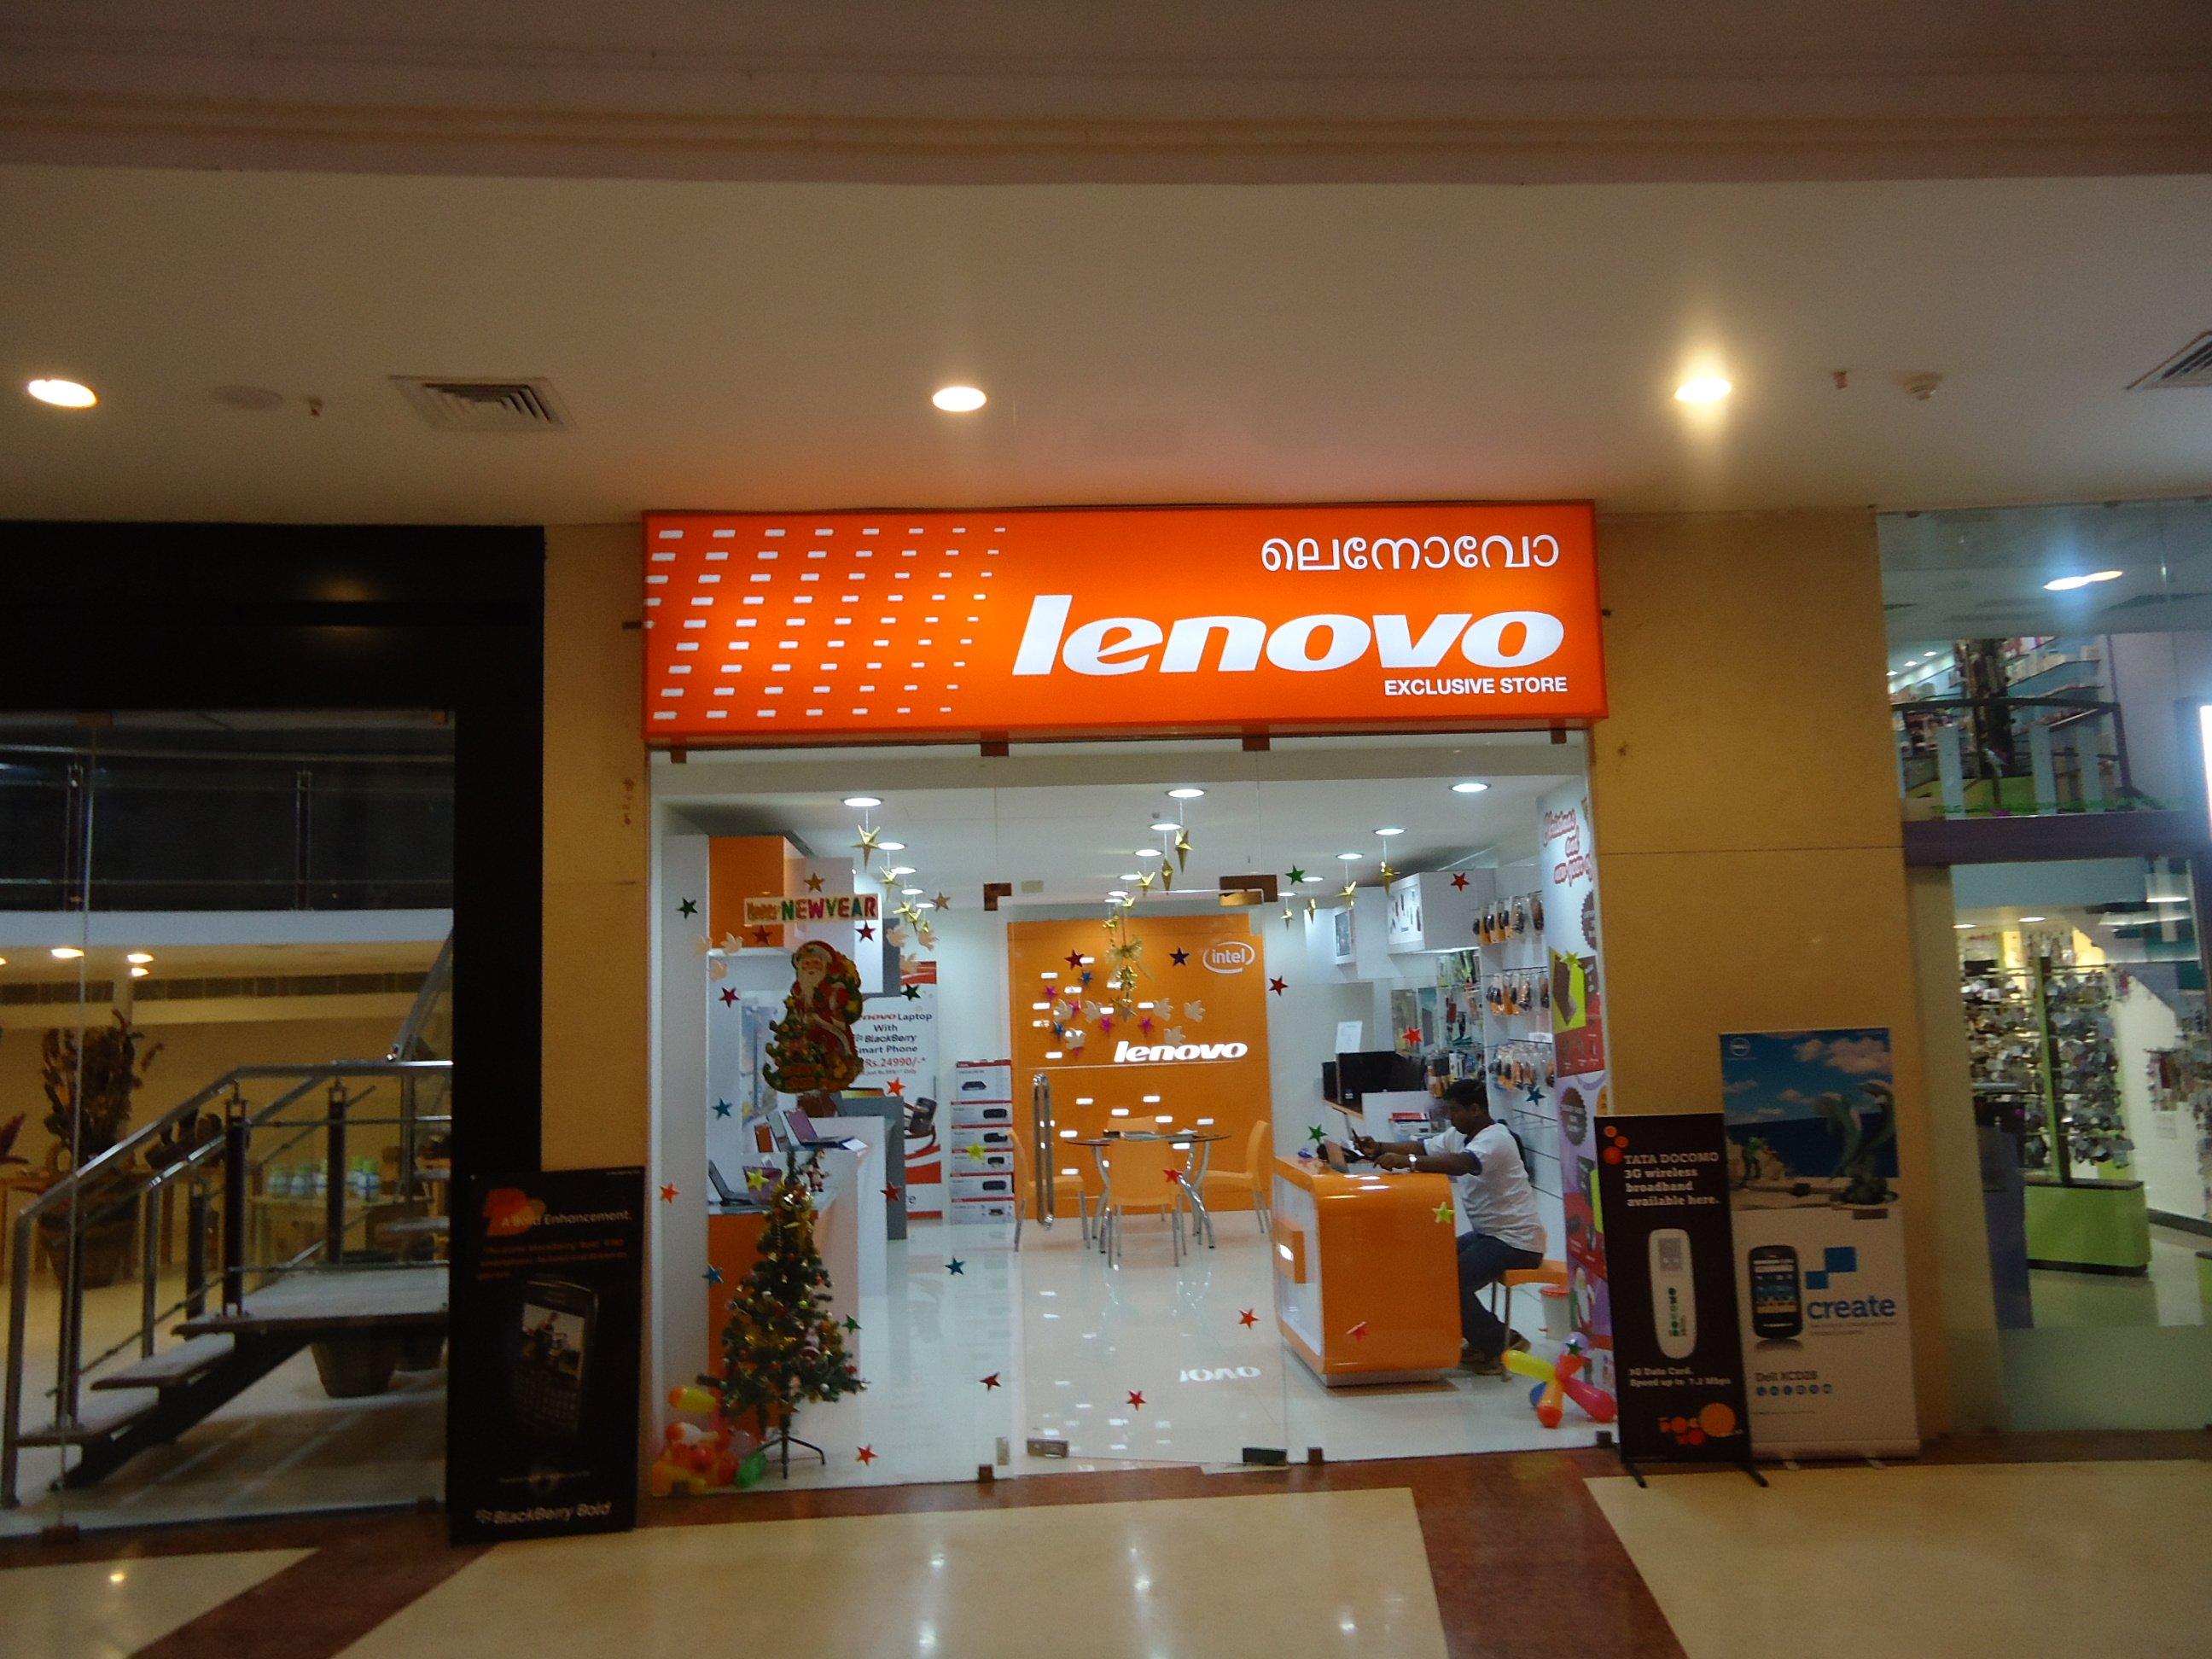 Всети интернет появилось фото «дырявого» телефона Lenovo с сильной тройной камерой